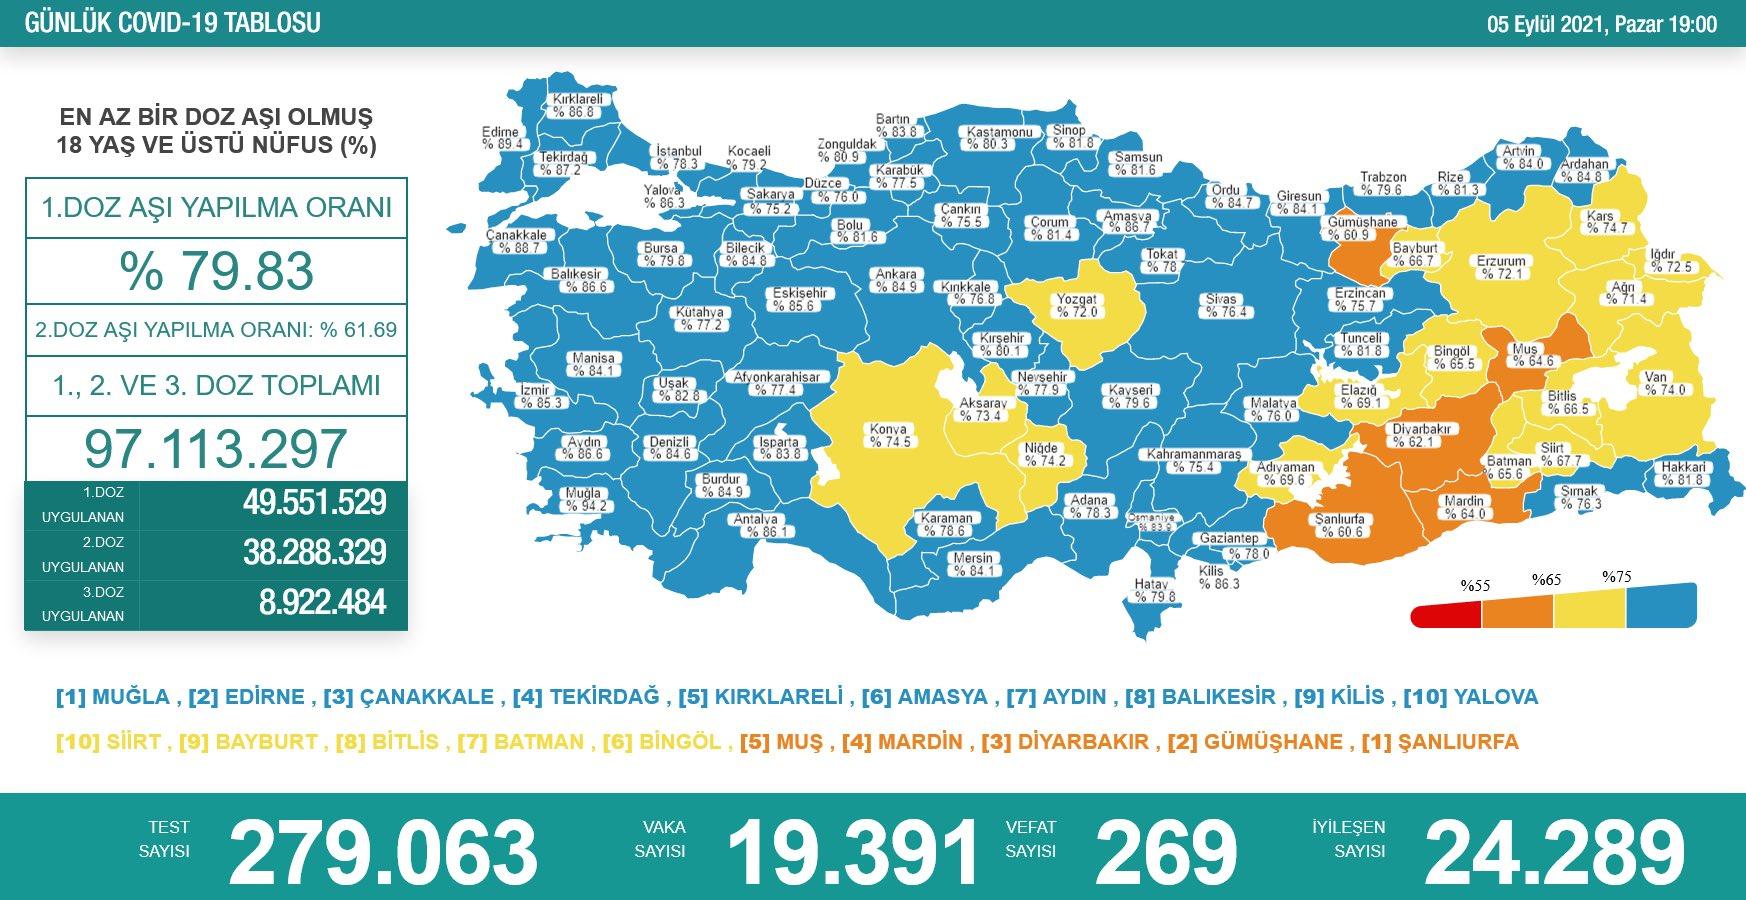 5 Eylül 2021 Türkiye Koronavirüs Tablosu Açıkladı